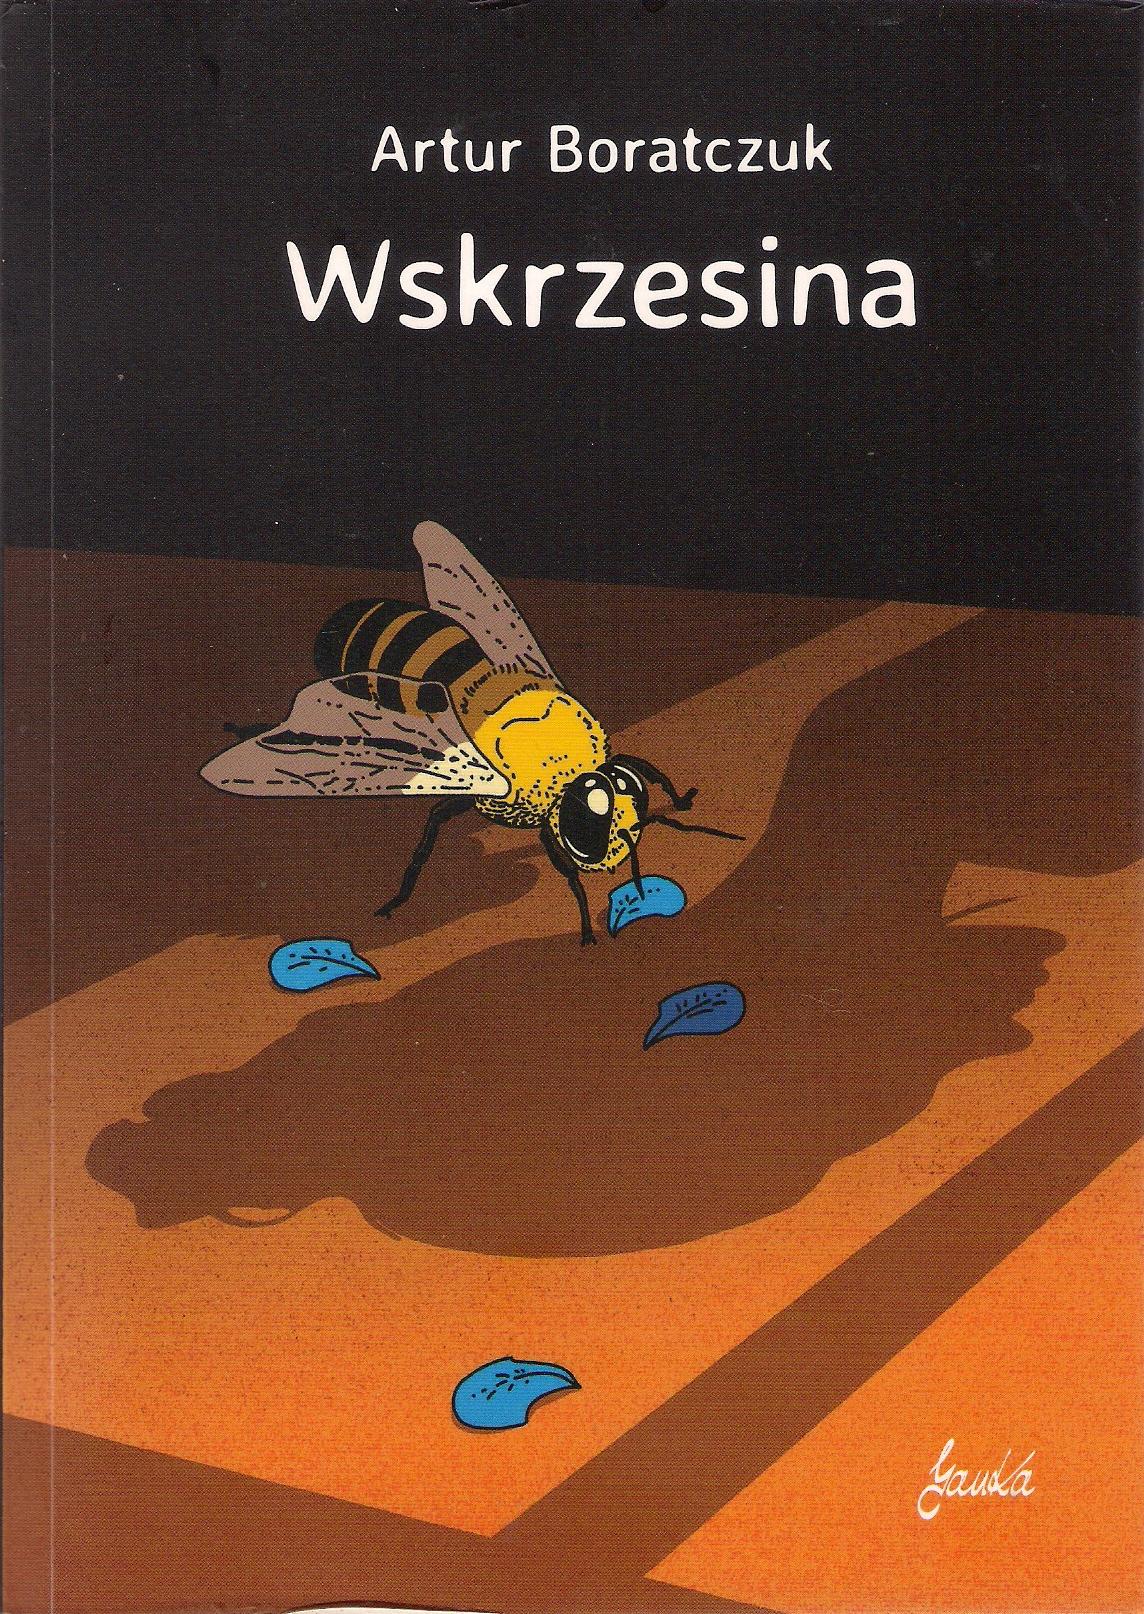 """Artur Boratczuk, """"Wskrzesina"""", wyd. JanKa, Pruszków 2020, 290 s."""